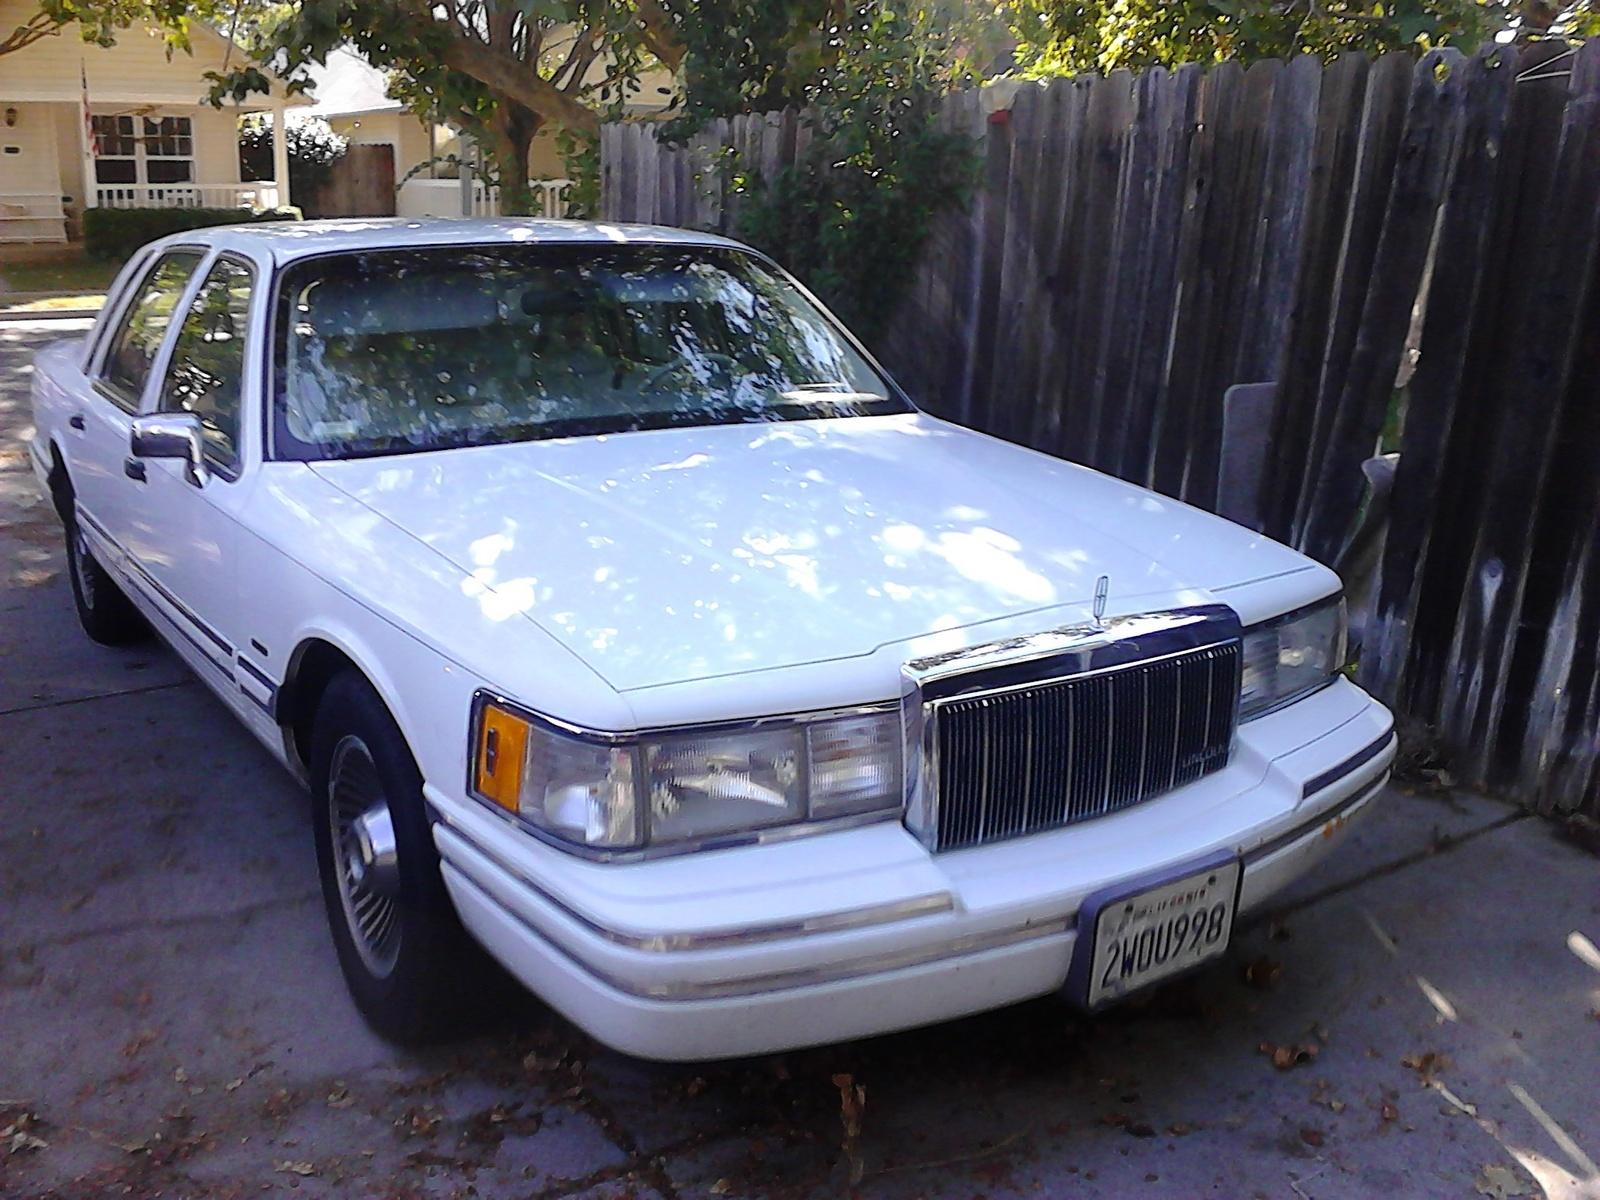 Lincoln Town Car Questions - My 1991 Lincoln Town Car air bag light